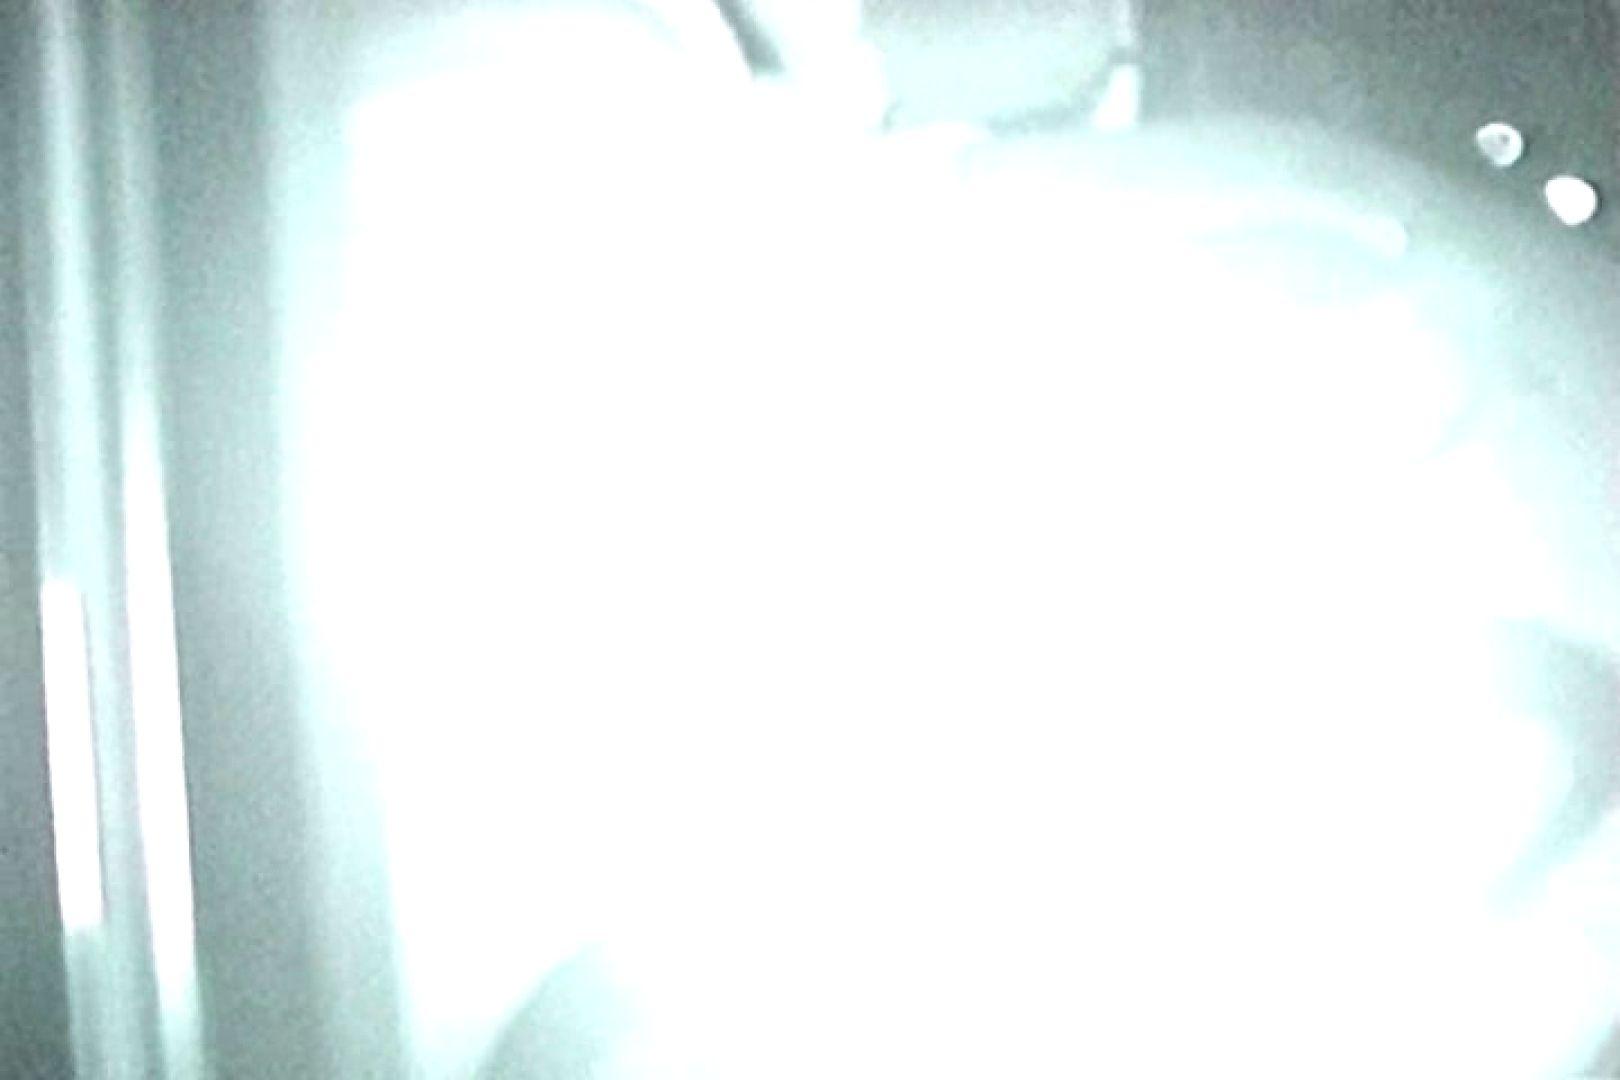 「充血監督」さんの深夜の運動会!! vol.131 赤外線 AV動画キャプチャ 112枚 77